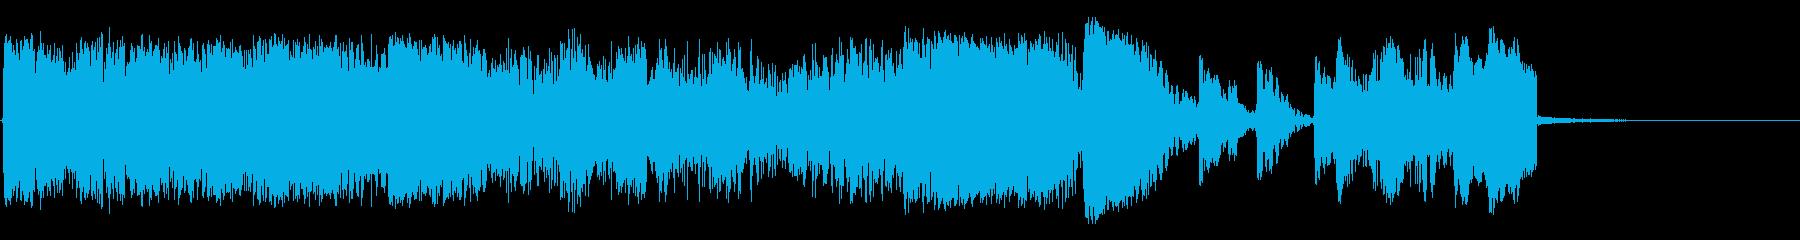 爆破の再生済みの波形